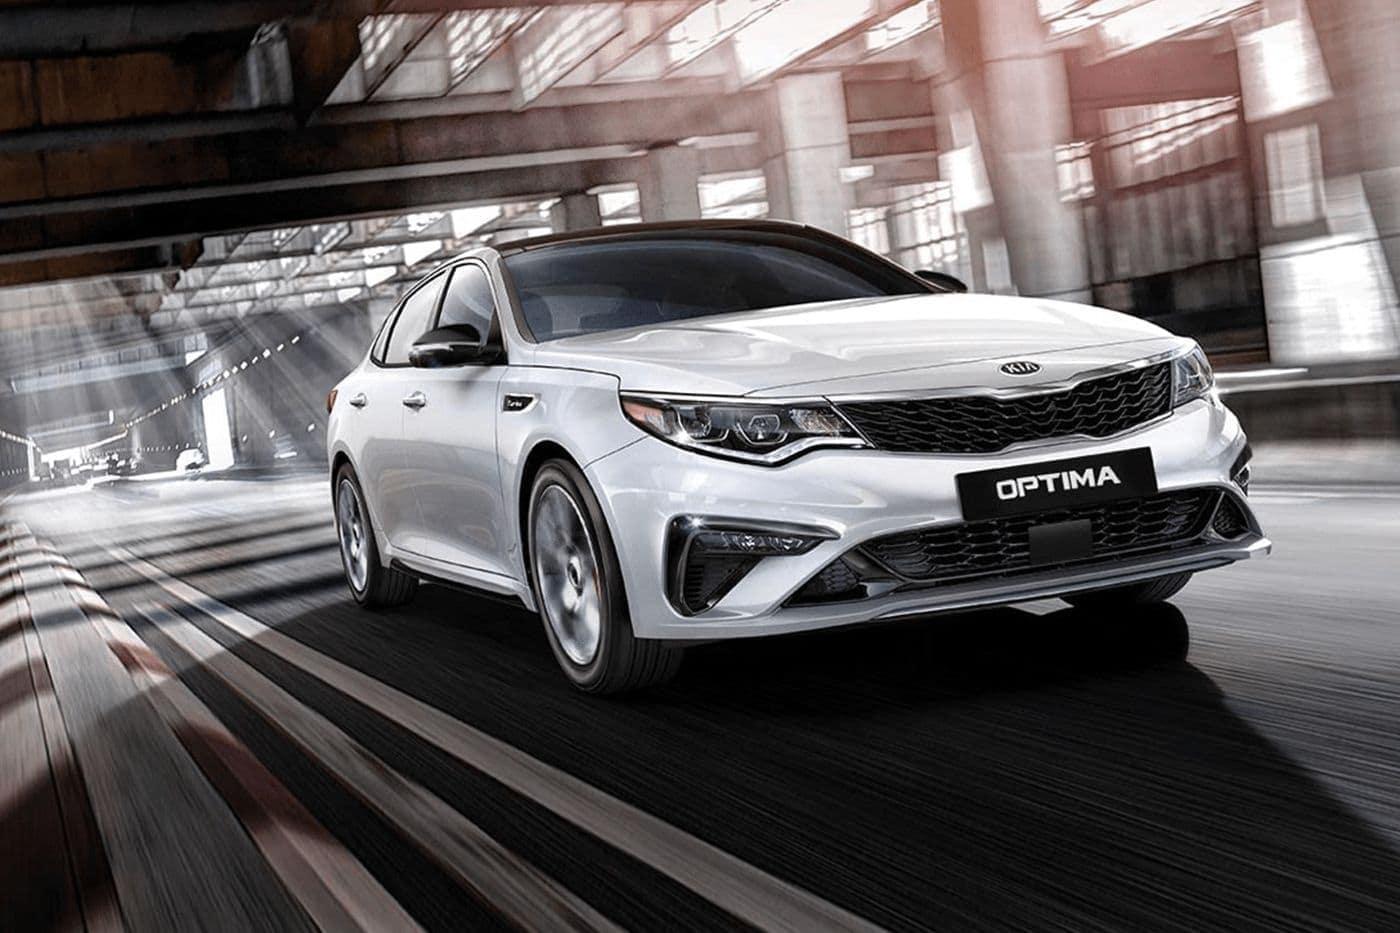 2020 Kia Optima exterior in white